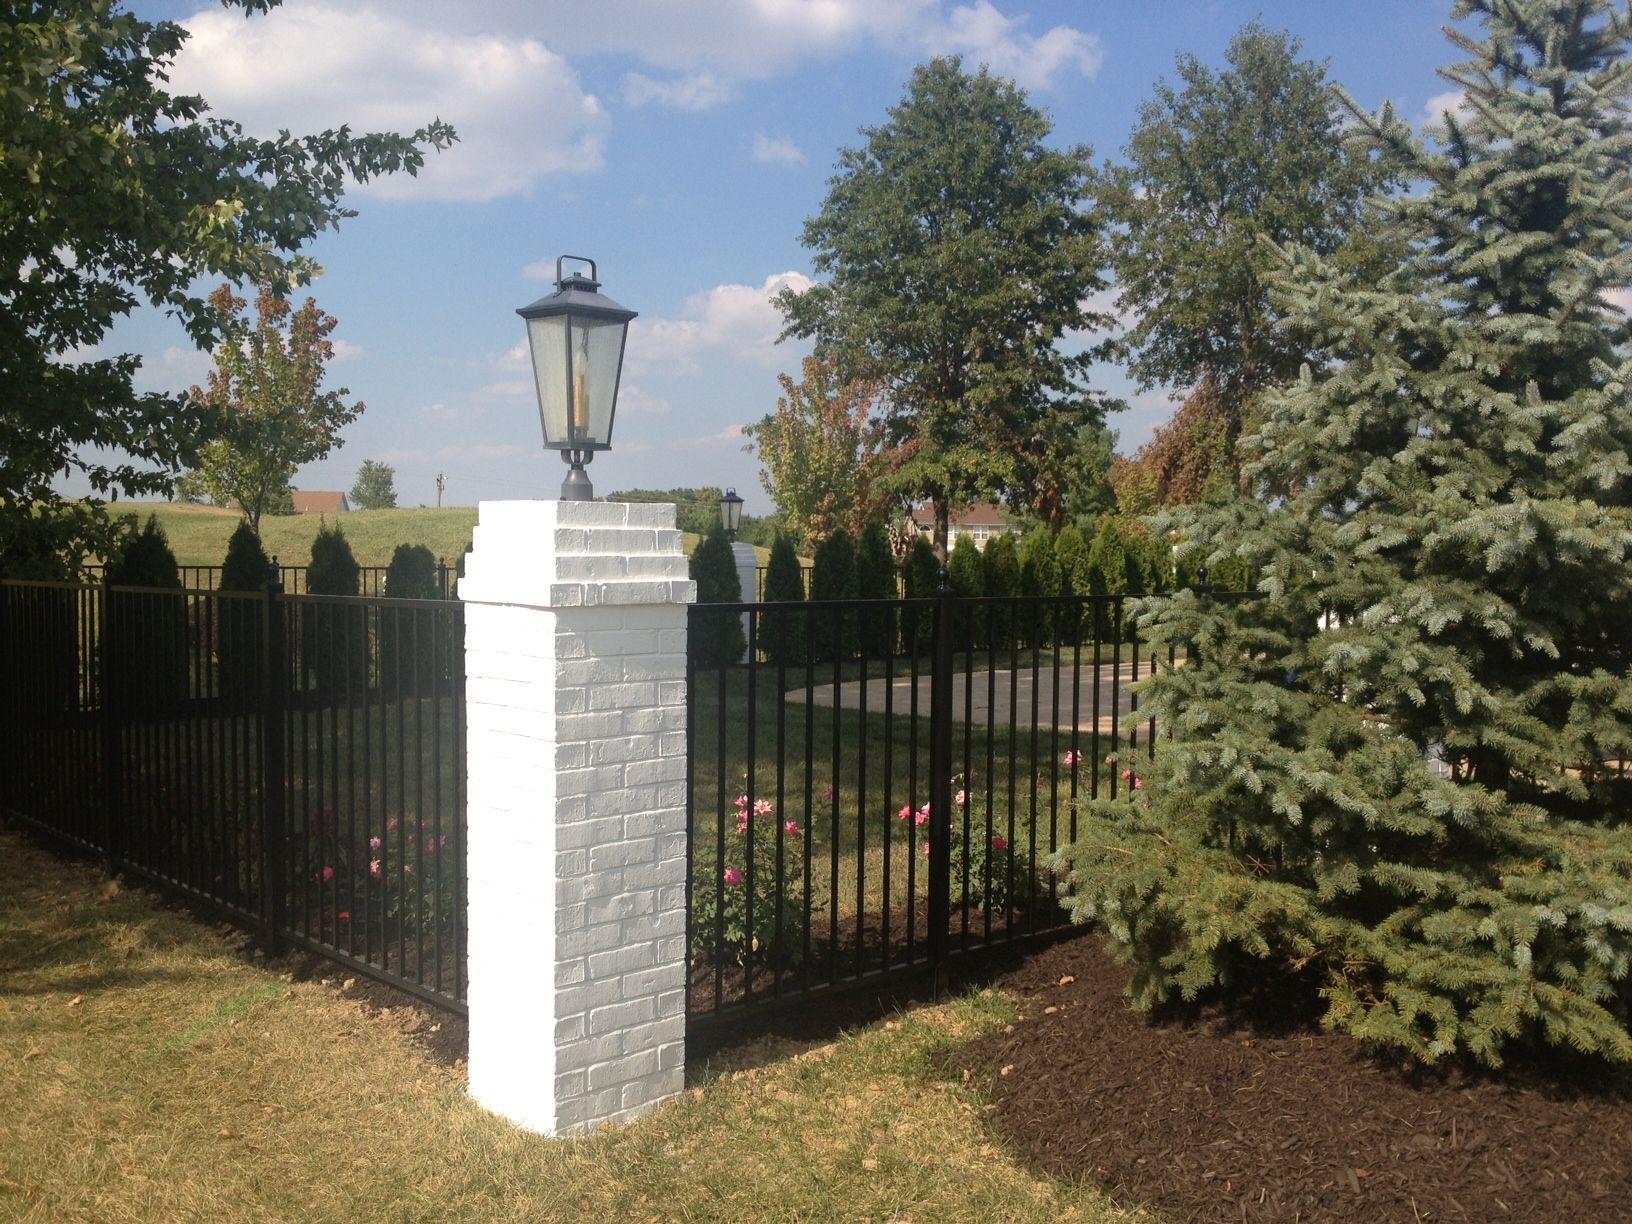 Brick fences for fencing modern castles 92